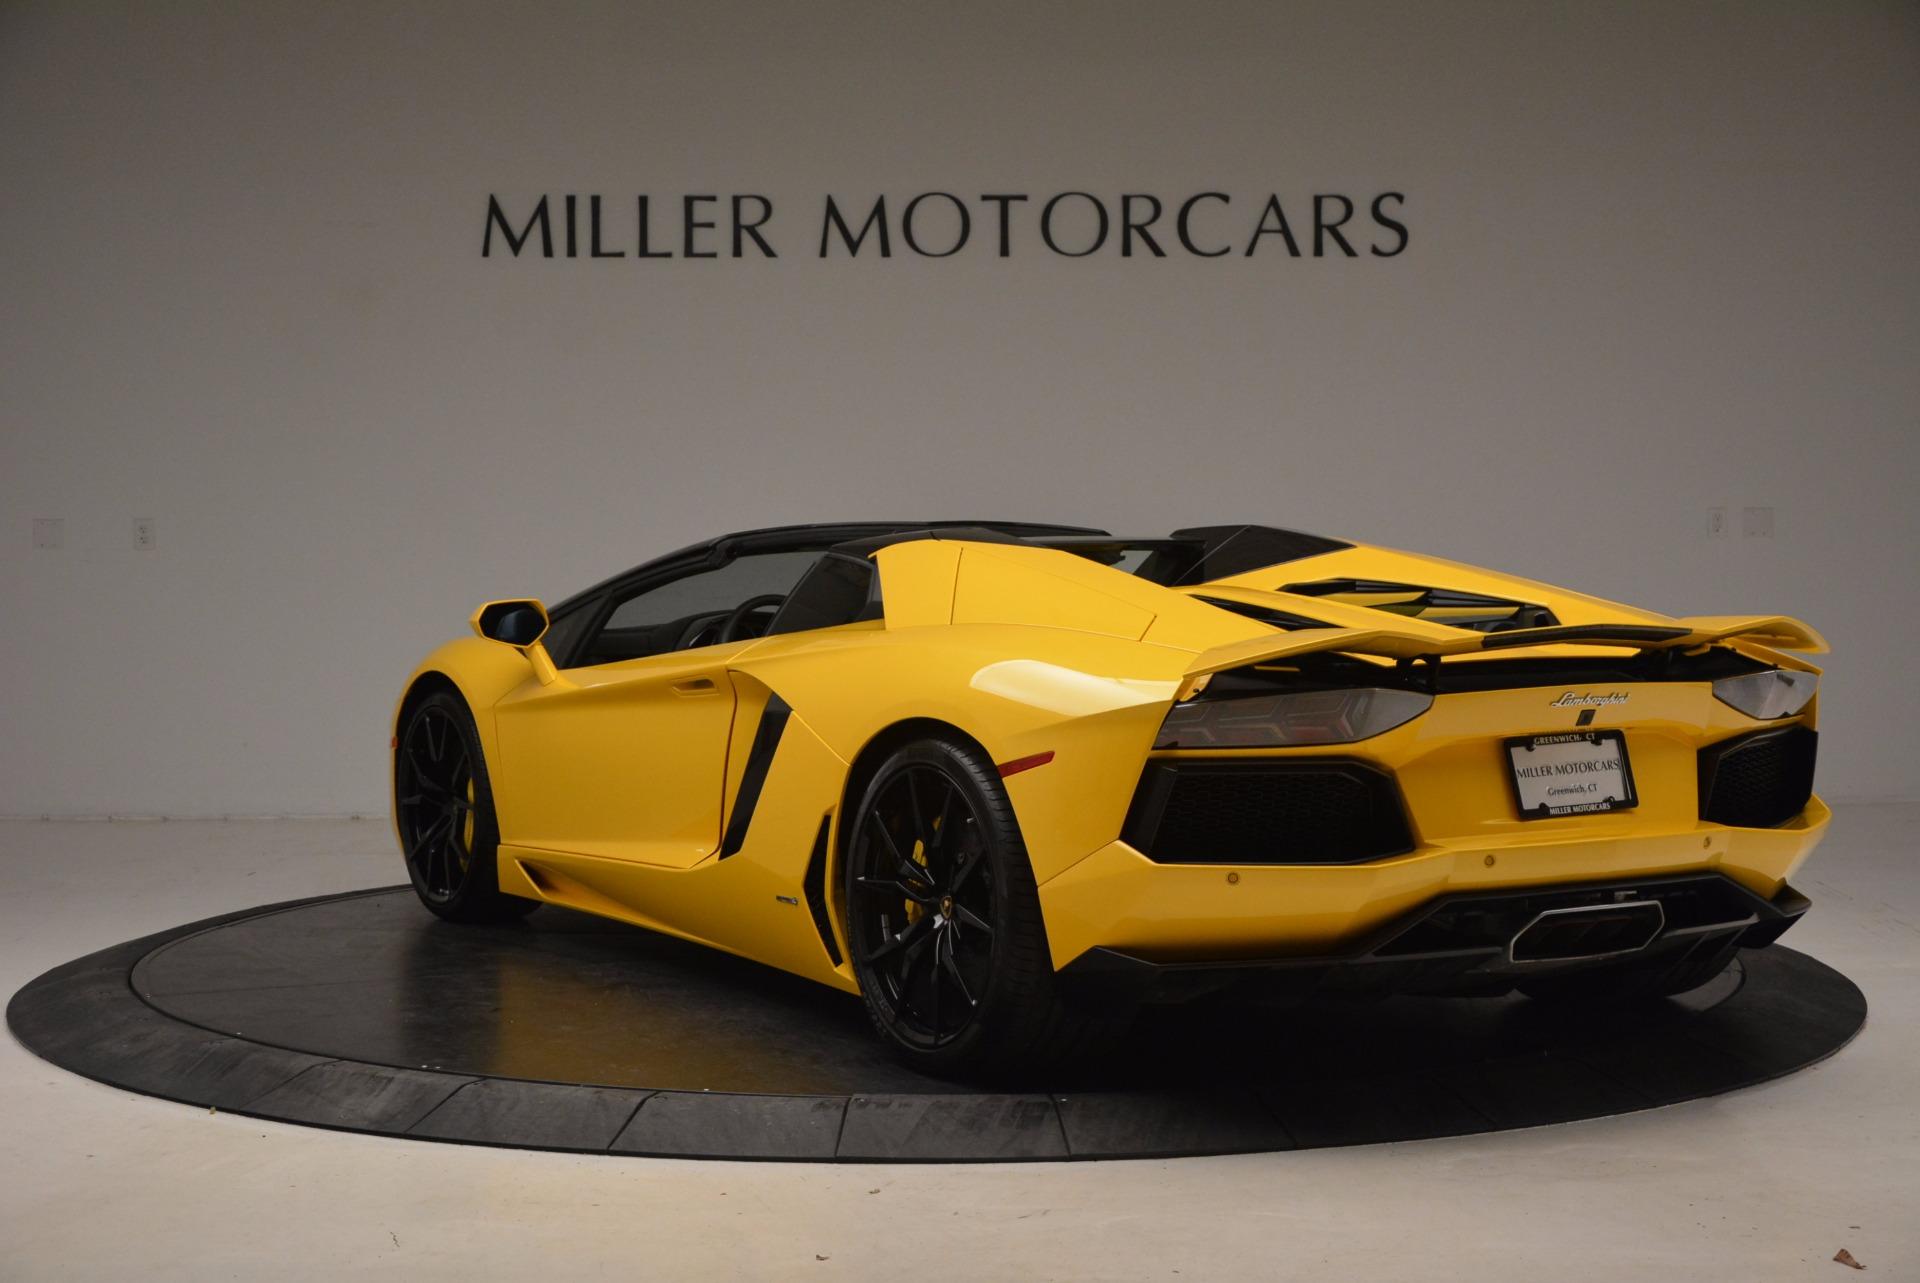 Used 2015 Lamborghini Aventador LP 700-4 Roadster For Sale In Greenwich, CT. Alfa Romeo of Greenwich, 7284 1774_p5